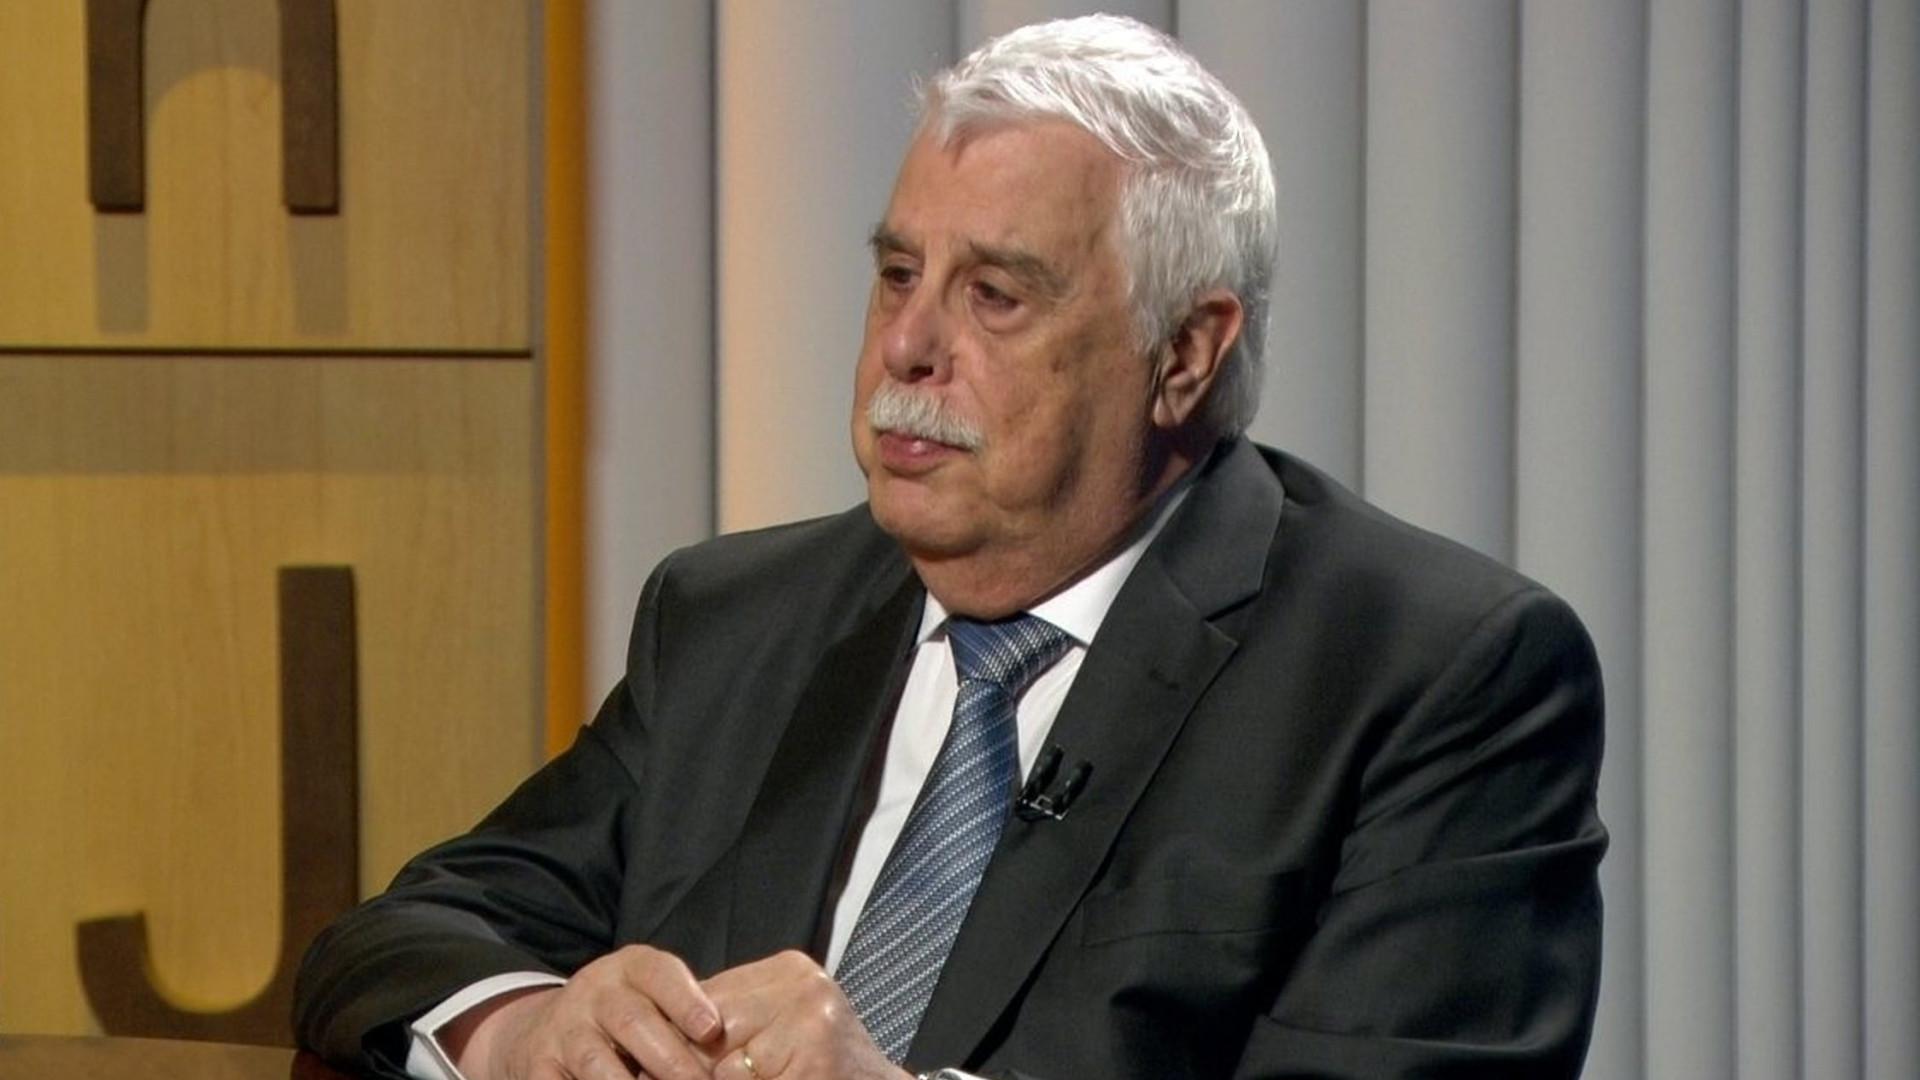 Governo deveria apresentar agenda de reformas para 2 anos, diz Pastore